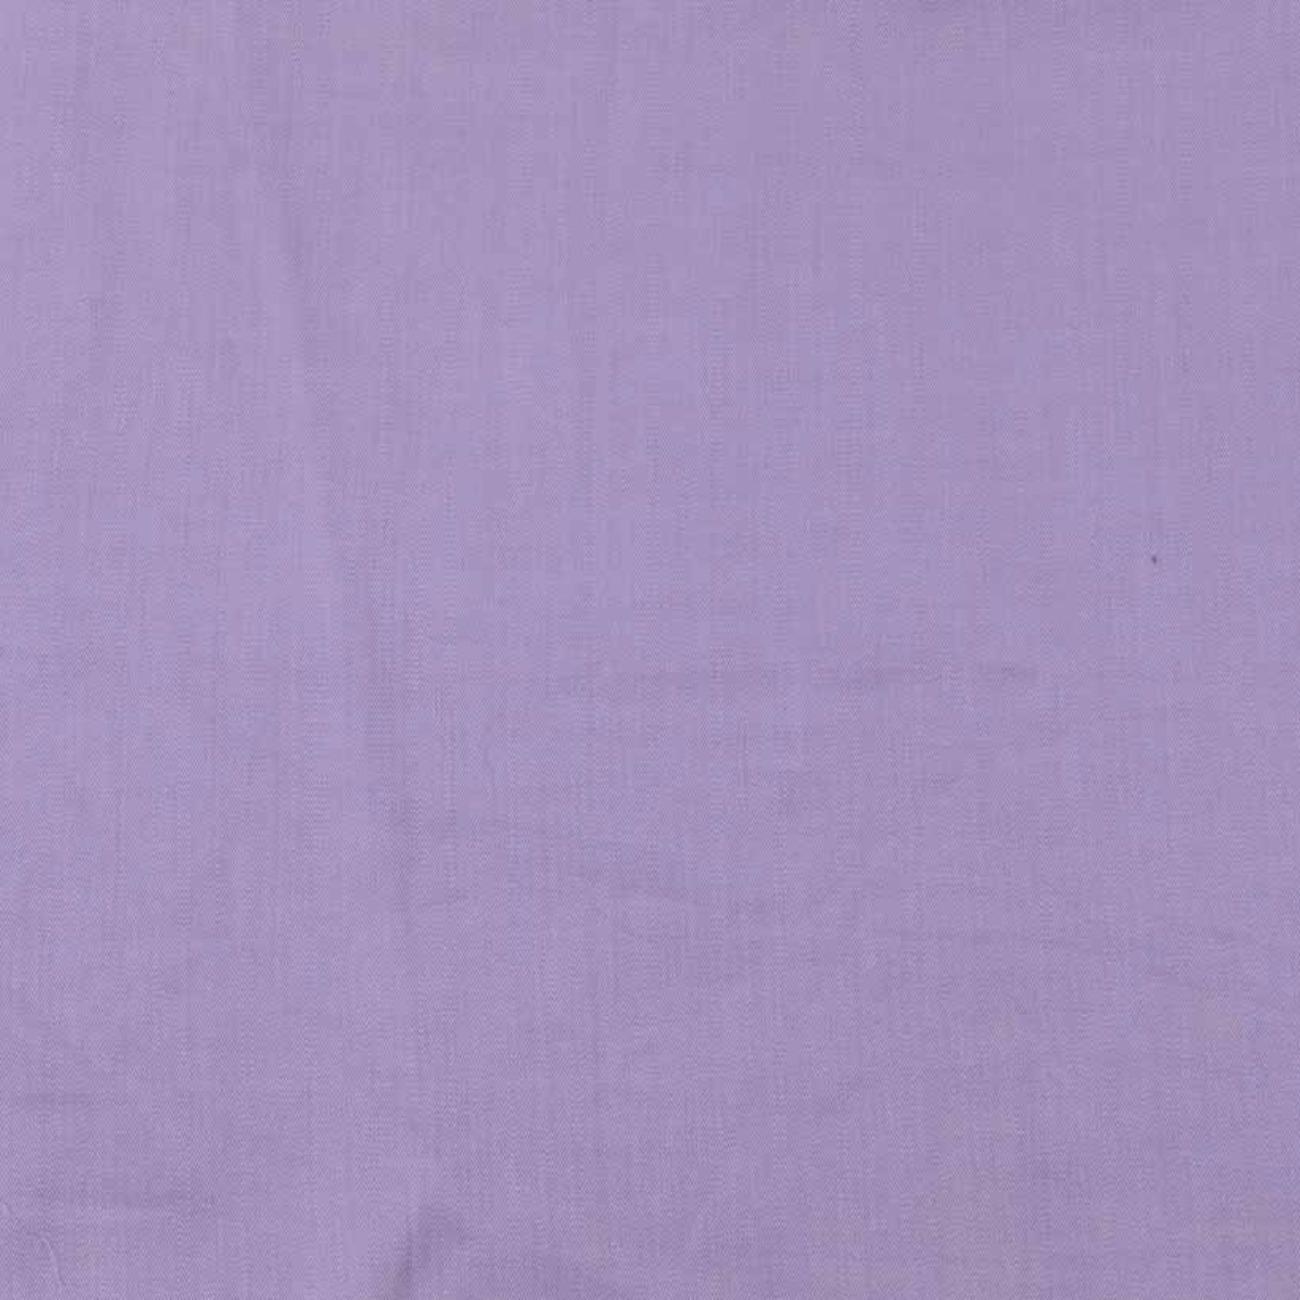 现货素色梭织色织 低弹休闲时尚风格衬衫连衣裙 短裙 棉感 60929-11